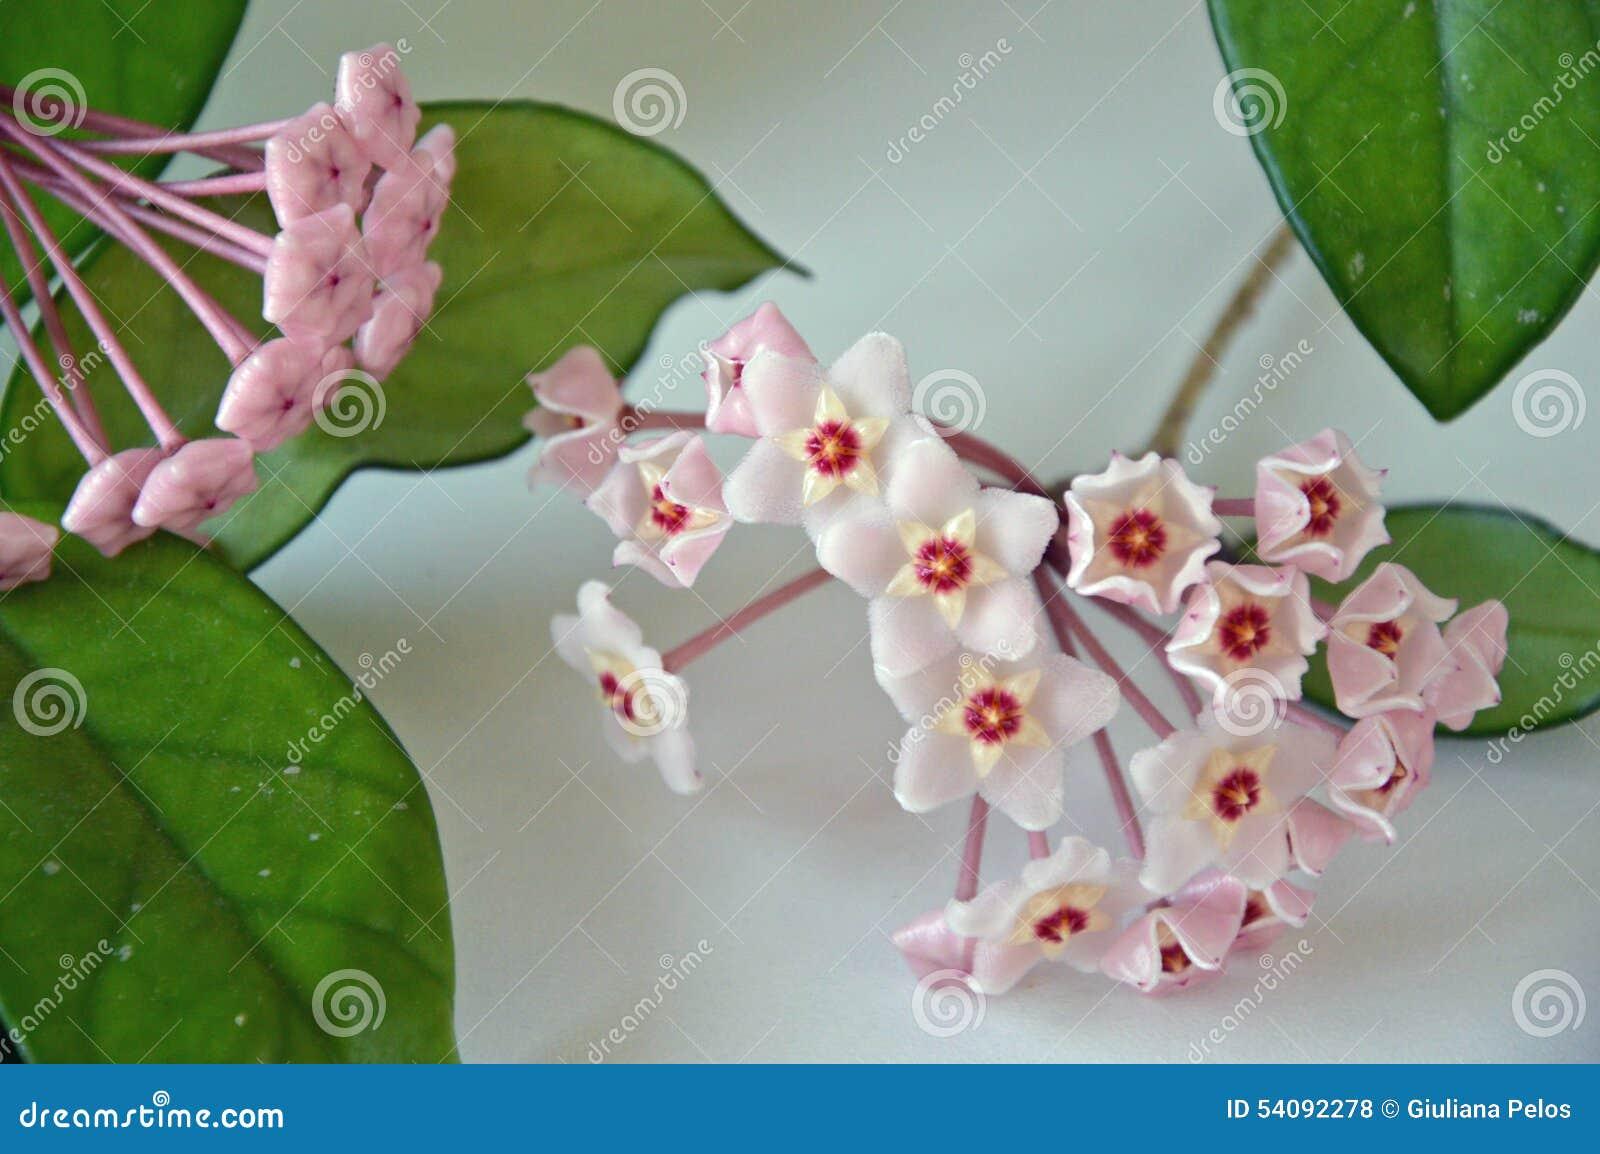 Hoya carnosa - Bloeiende knoppen - sluit omhoog - Italië